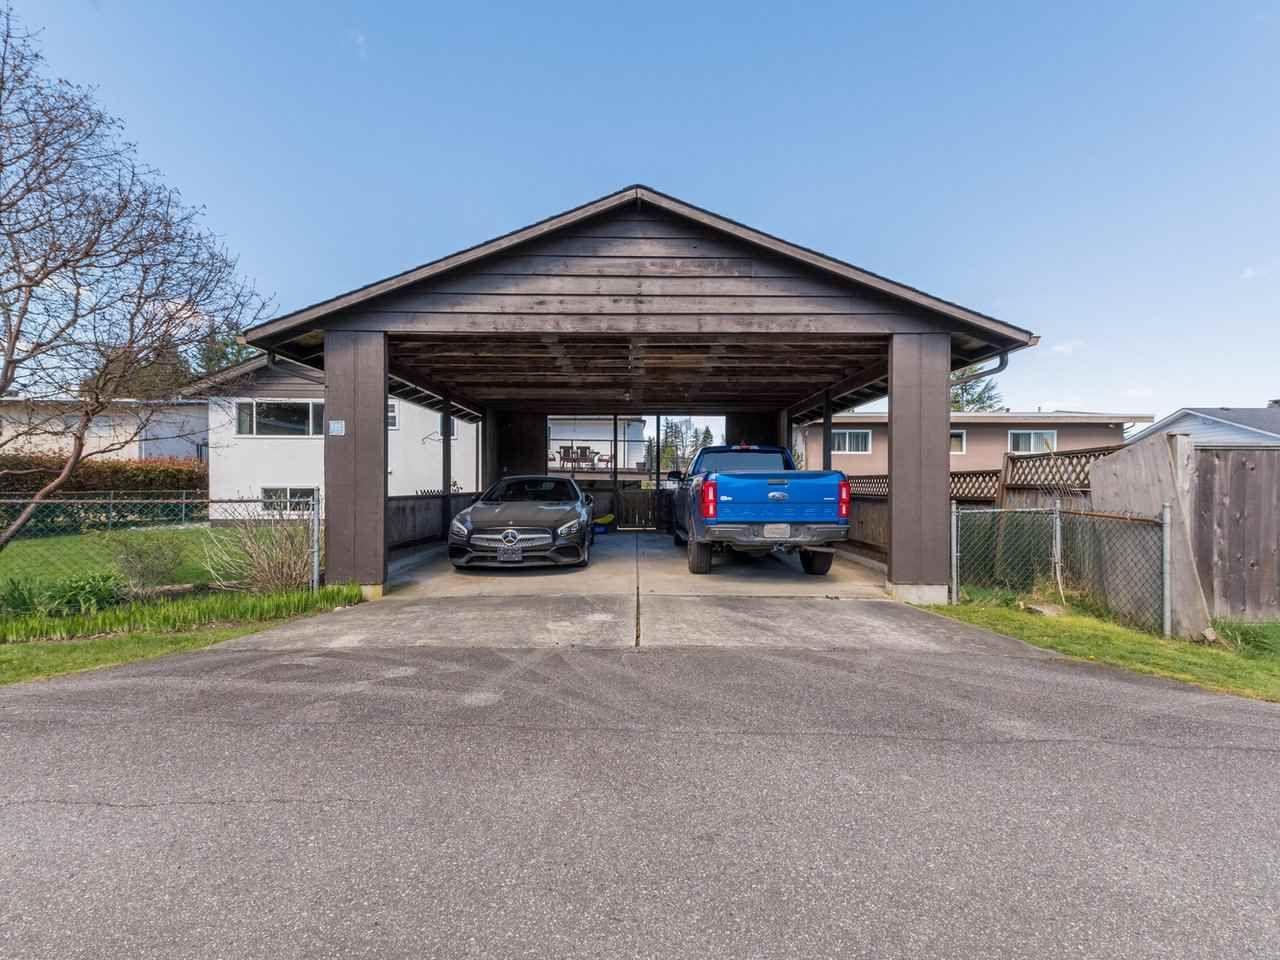 Photo 37: Photos: 808 REGAN Avenue in Coquitlam: Coquitlam West House for sale : MLS®# R2563486